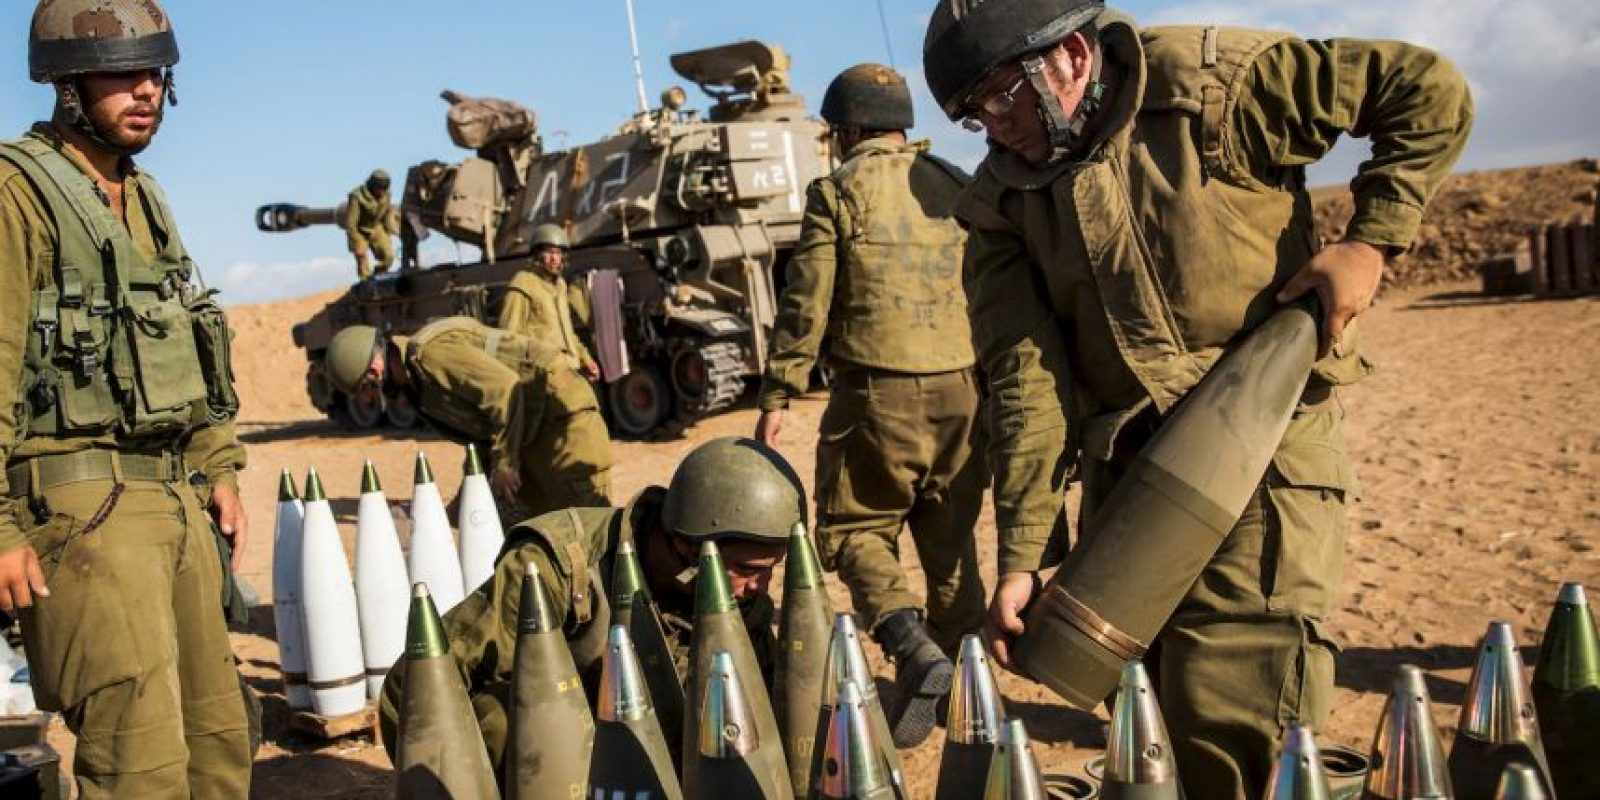 Este año el conflicto entre israelíes y palestinos se ha recrudecido. Foto:Getty Images